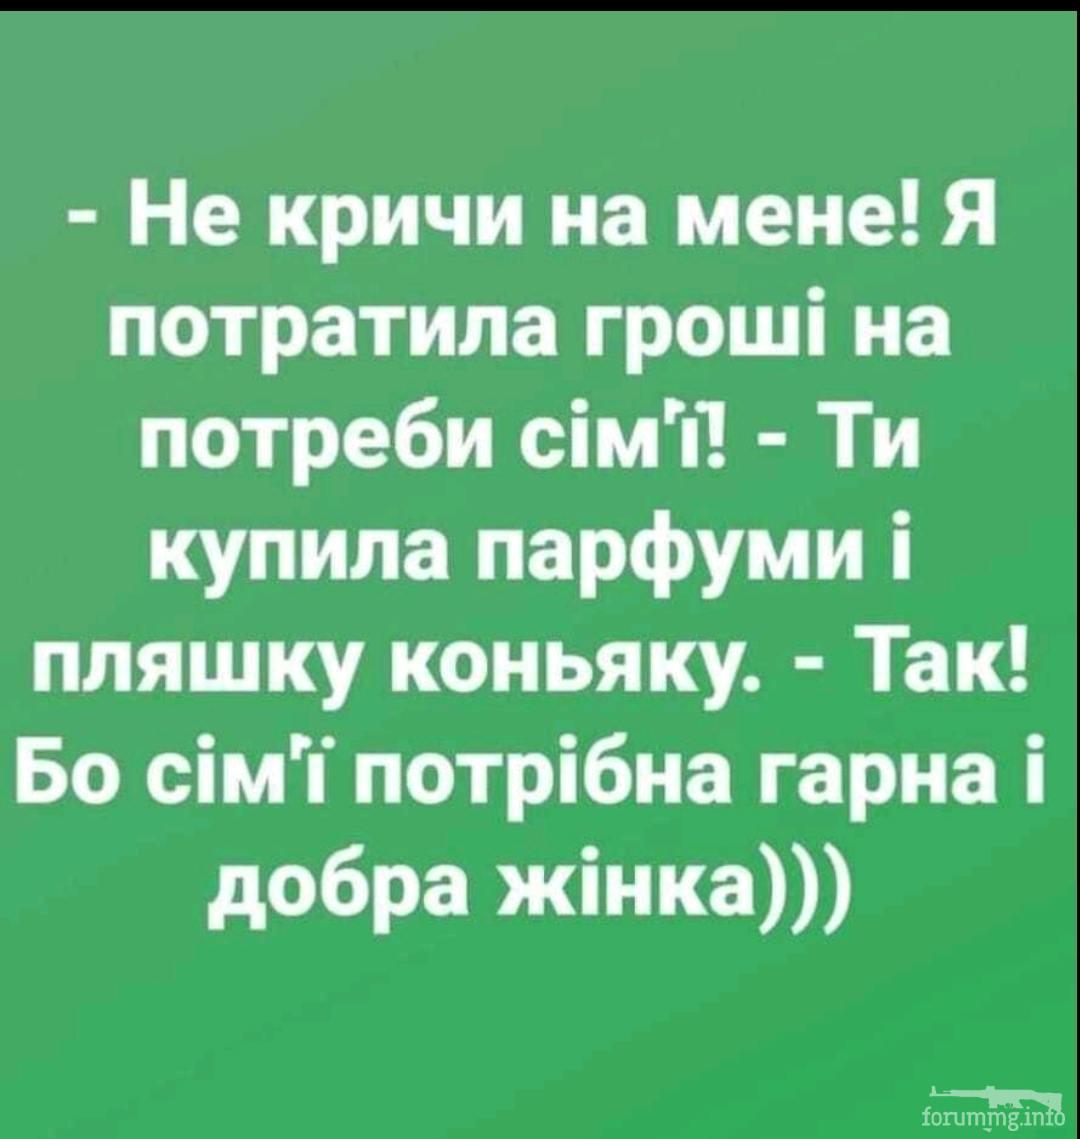 138461 - Пить или не пить? - пятничная алкогольная тема )))